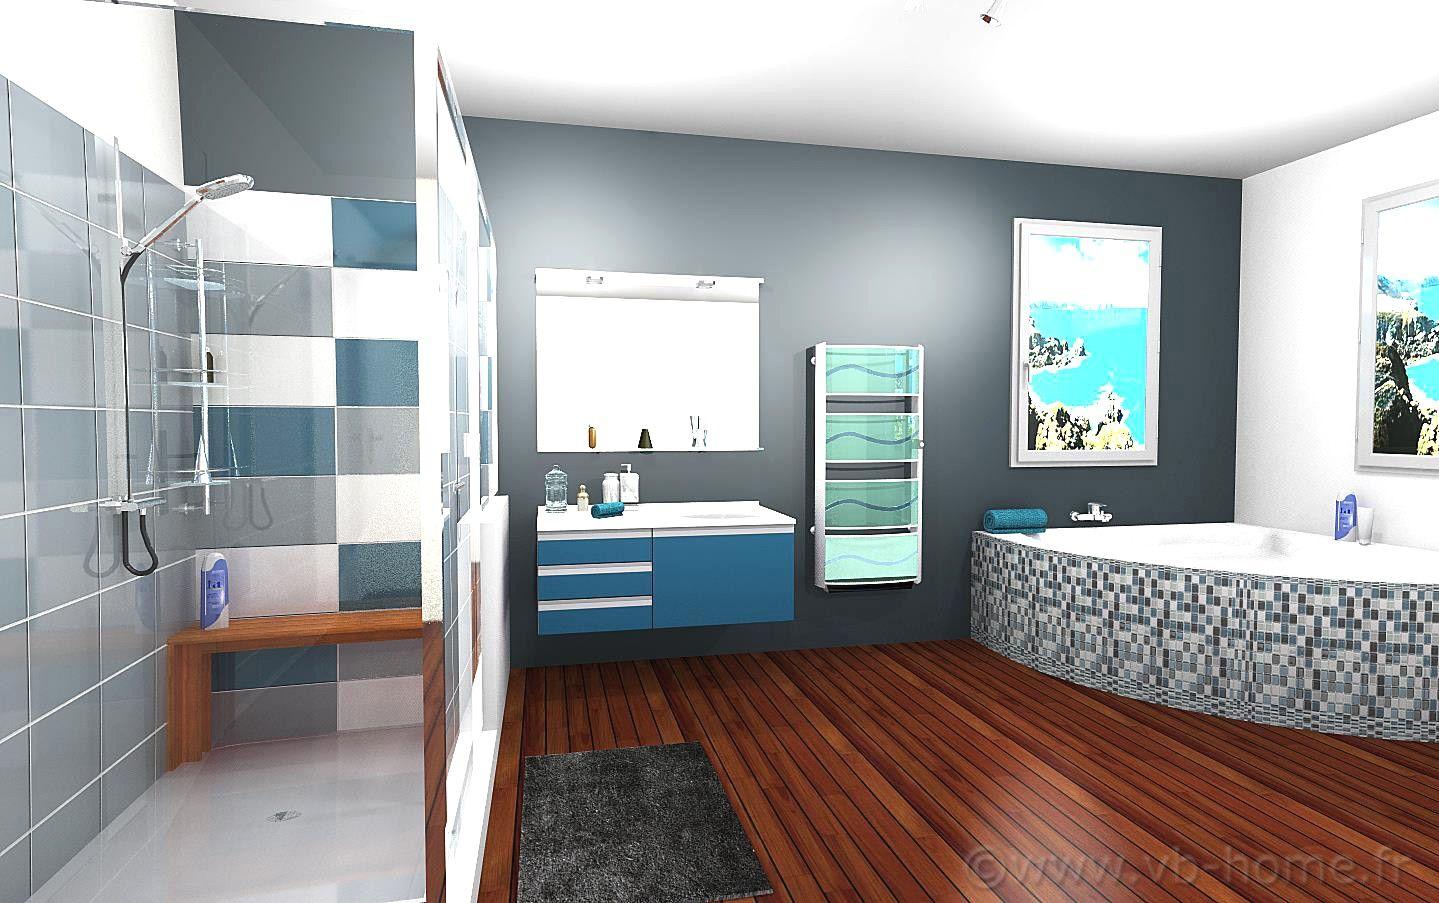 Emejing Salle De Bains Deco Mer Beige Bleu Ideas Amazing House Avec Vbhome Sdb 8 Et Salle De Bain Bord De Mer Salle De Bain Bord De Mer Mobilier De Salon Deco